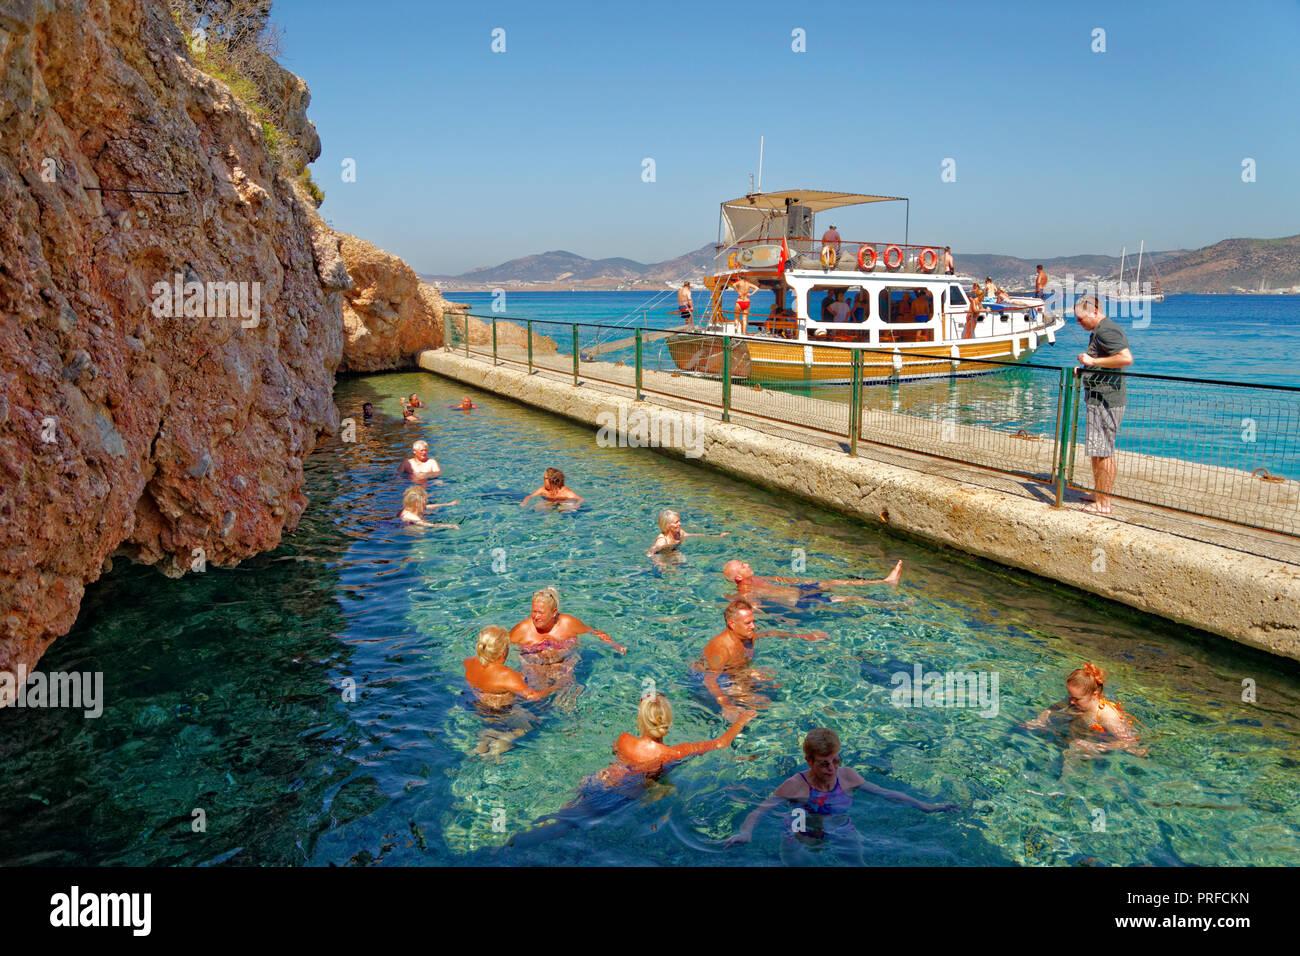 Cleopatra's Cave y piscina de aguas termales en Isla Negra enfrente de la ciudad de Bodrum, en la provincia de Mugla, Turquía. Foto de stock